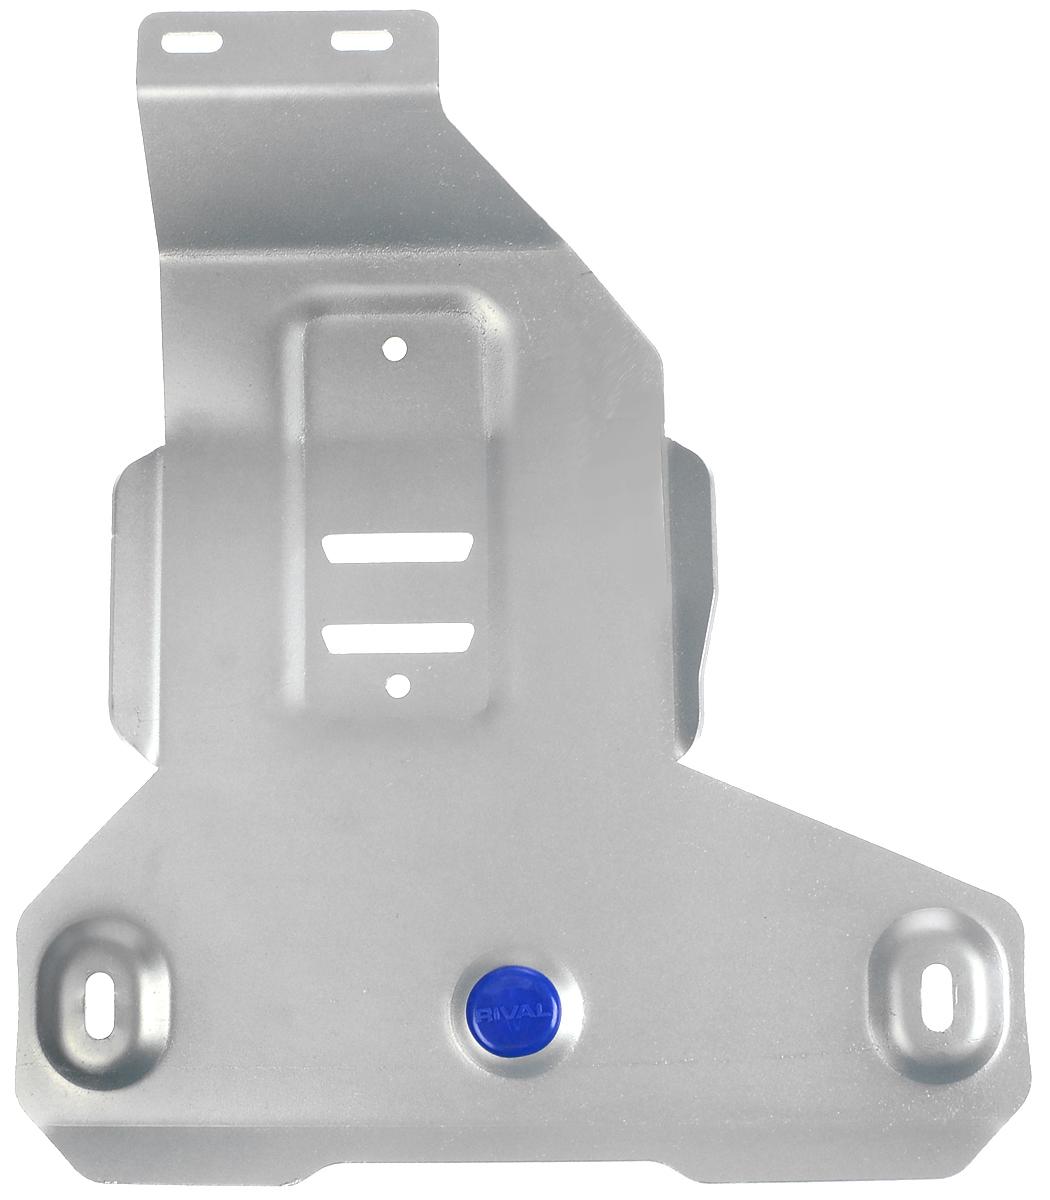 Защита редуктора Rival, для BMW X1CA-3505Защита редуктора для BMW X1 4WD , 20i; 20d 2015-, крепеж в комплекте, алюминий 4 мм, Rival. Надежно защищают днище вашего автомобиля от повреждений, например при наезде на бордюры, а также выполняют эстетическую функцию при установке на высокие автомобили.- Толщина алюминиевых защит в 2 раза толще стальных, а вес при этом меньше до 30%.- Отлично отводит тепло от двигателя своей поверхностью, что спасает двигатель от перегрева в летний период или при высоких нагрузках.- В отличие от стальных, алюминиевые защиты не поддаются коррозии, что гарантирует срок службы защит более 5 лет.- Покрываются порошковой краской, что надолго сохраняет первоначальный вид новой защиты и защищает от гальванической коррозии.- Глубокий штамп дополнительно усиливает конструкцию защиты.- Подштамповка в местах крепления защищает крепеж от срезания.- Технологические отверстия там, где они необходимы для смены масла и слива воды, оборудованные заглушками, надежно закрепленными на защите.Уважаемые клиенты!Обращаем ваше внимание, на тот факт, что защита имеет форму, соответствующую модели данного автомобиля. Фото служит для визуального восприятия товара.